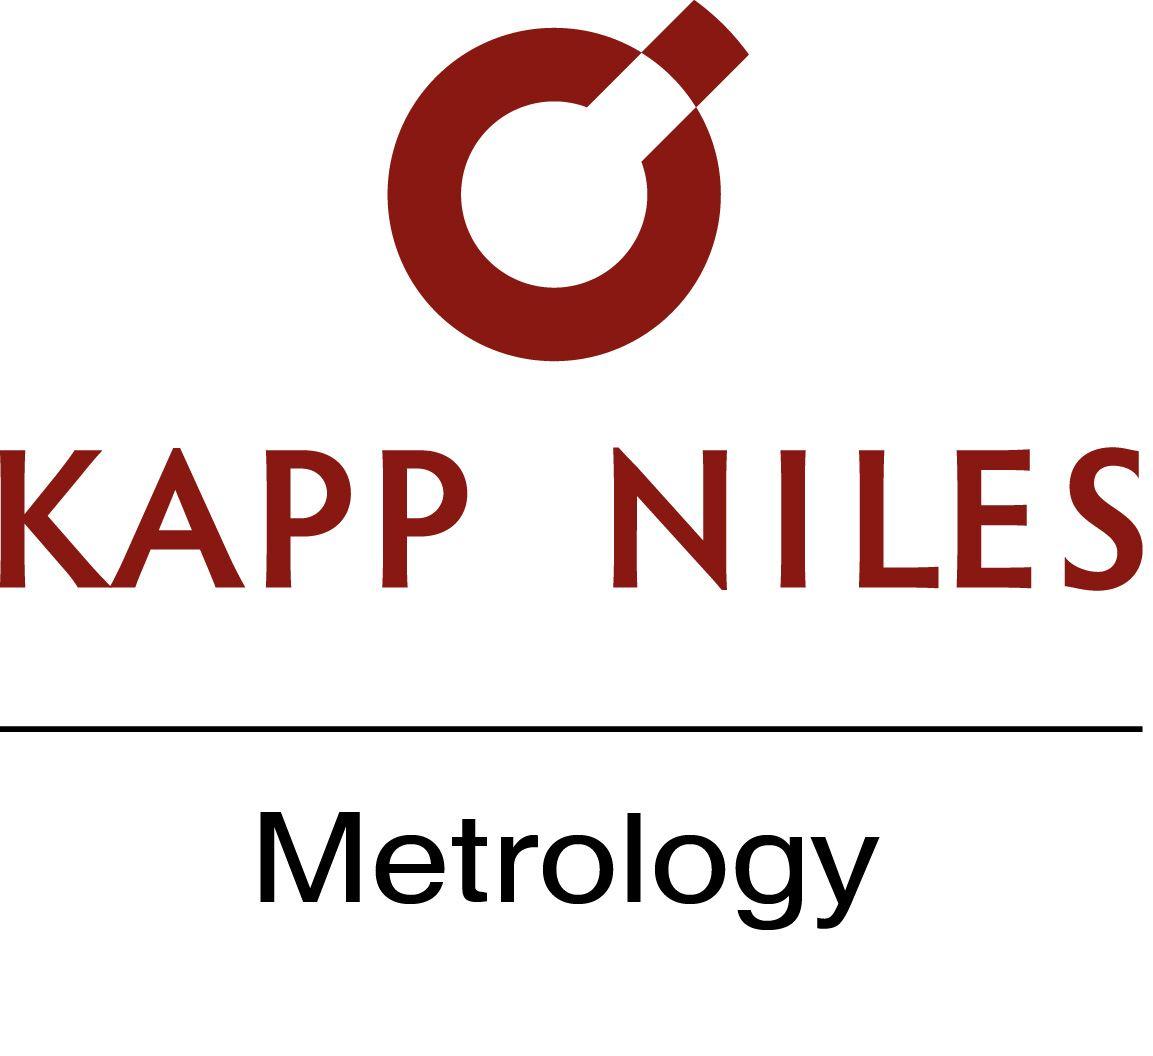 KAPP NILES Metrology GmbH